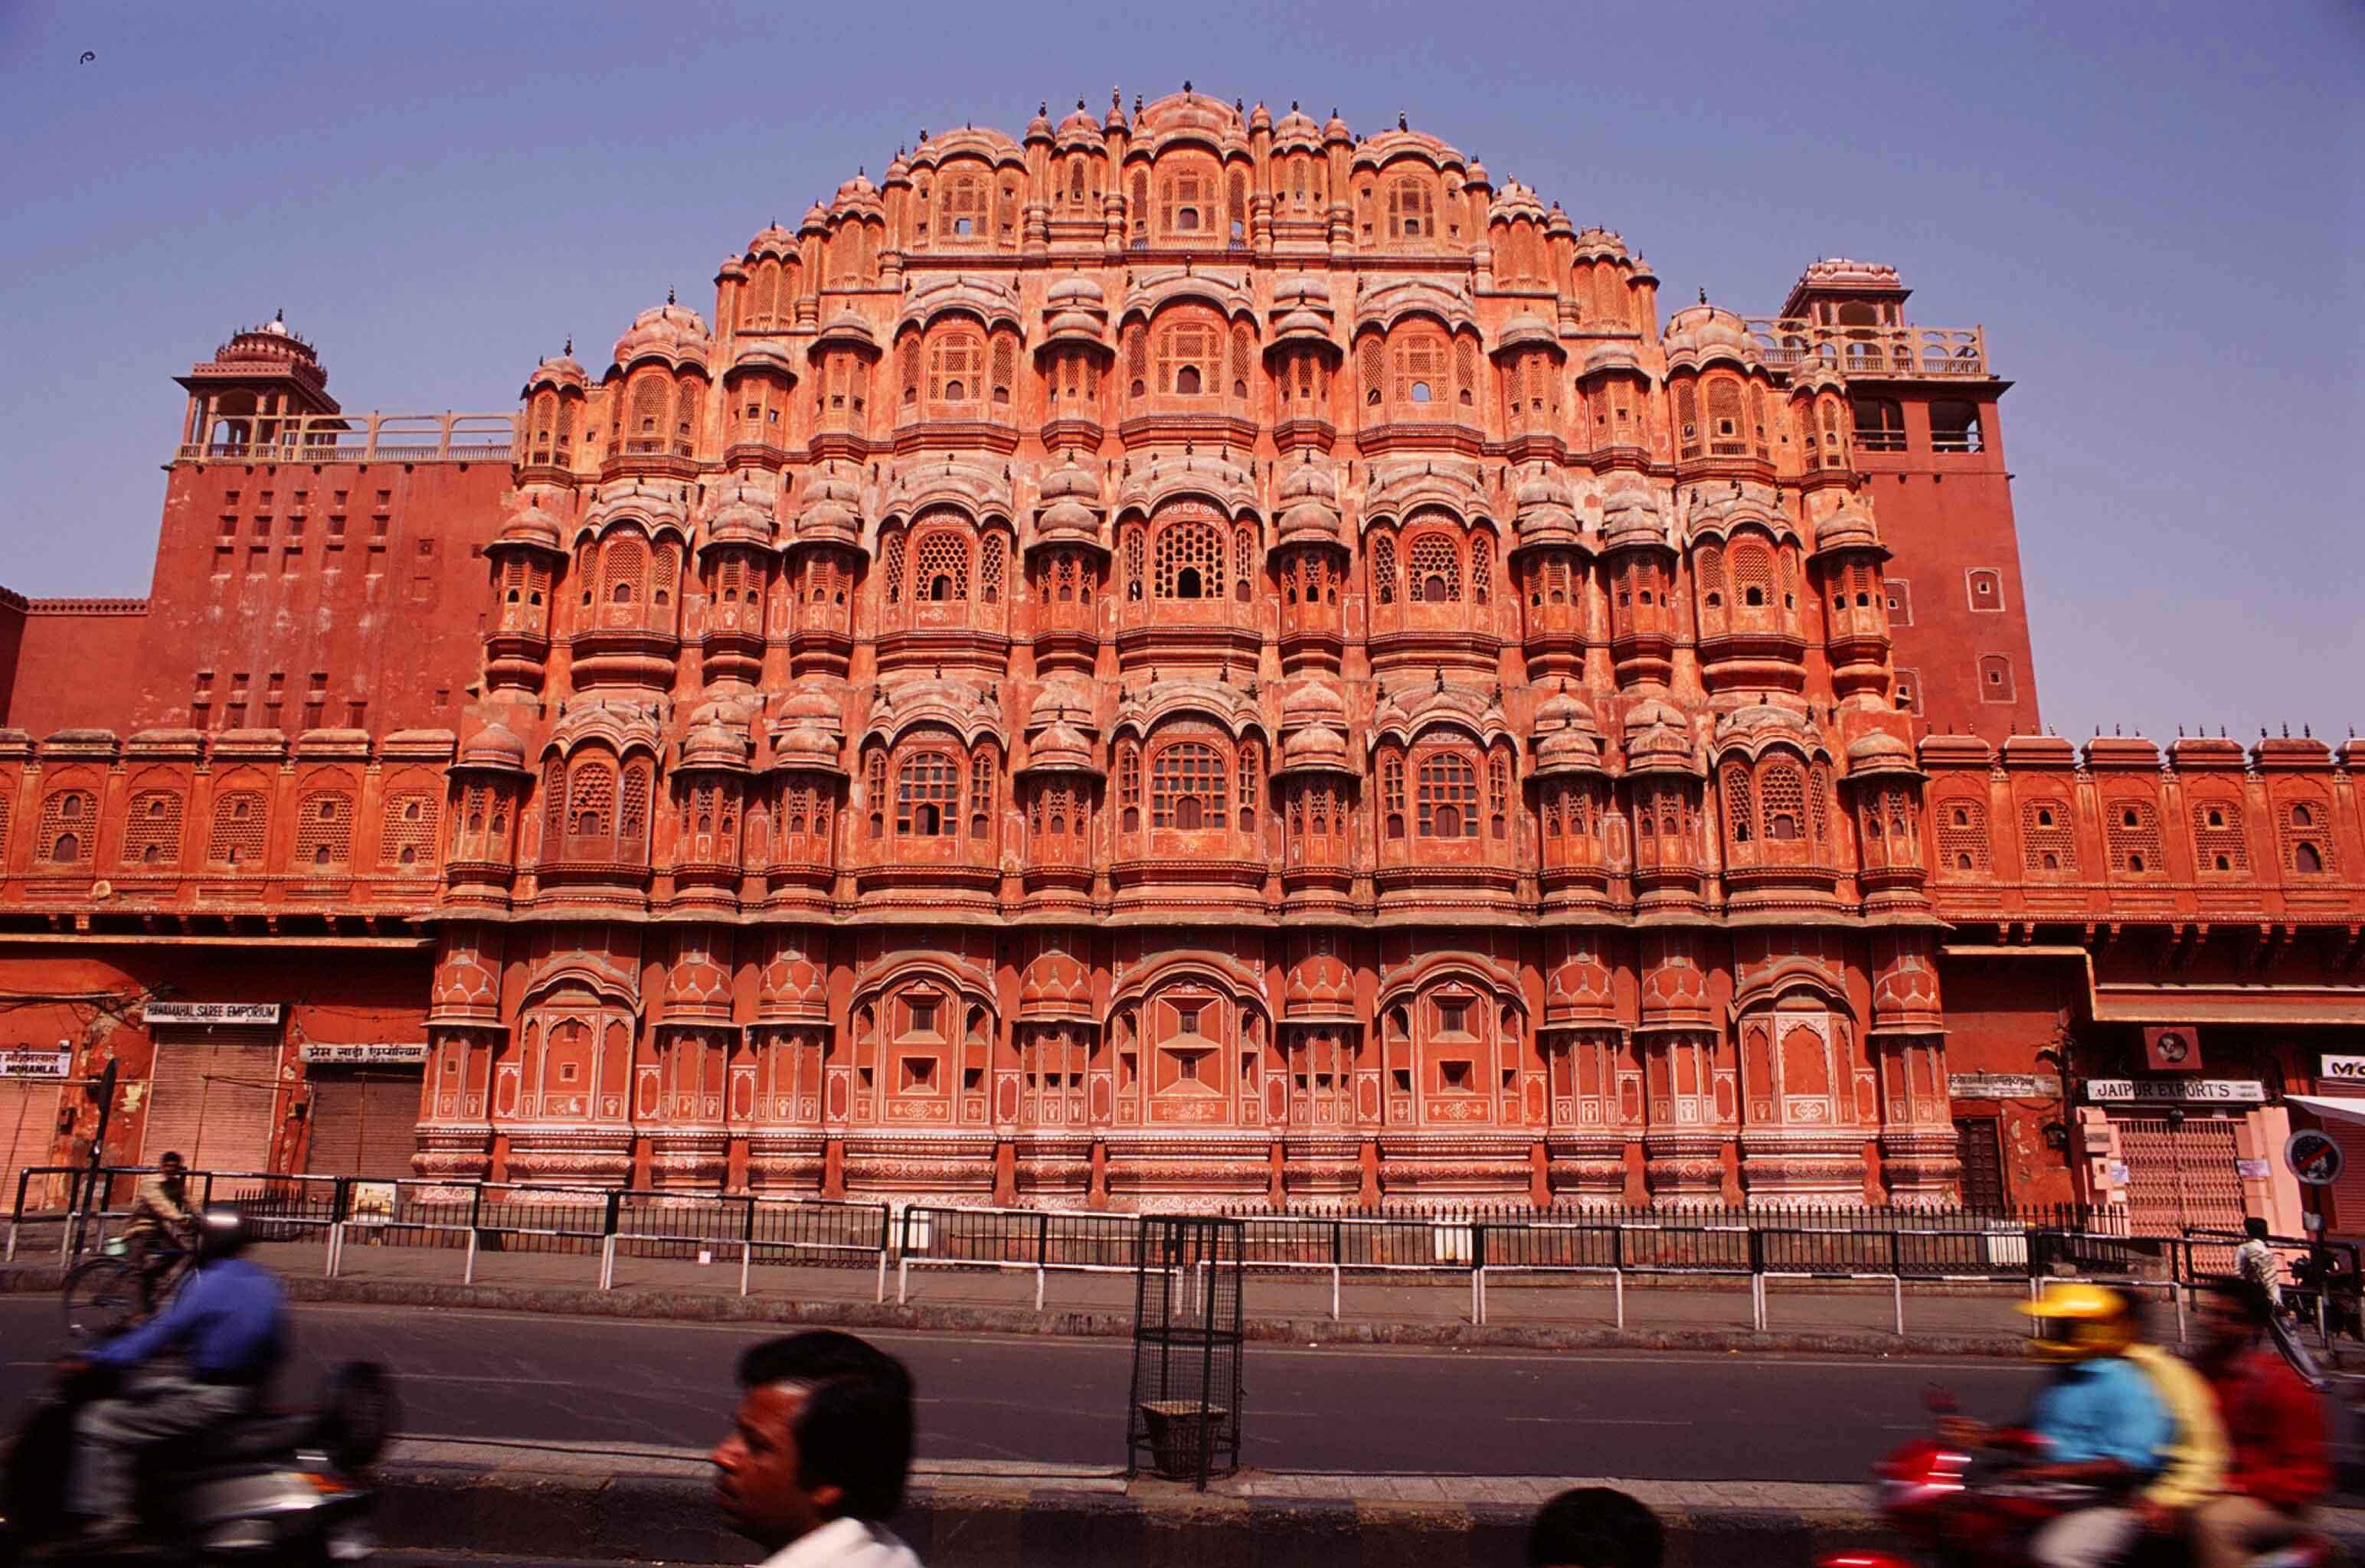 Tour Jaipur During The Jaipur Kite Festival